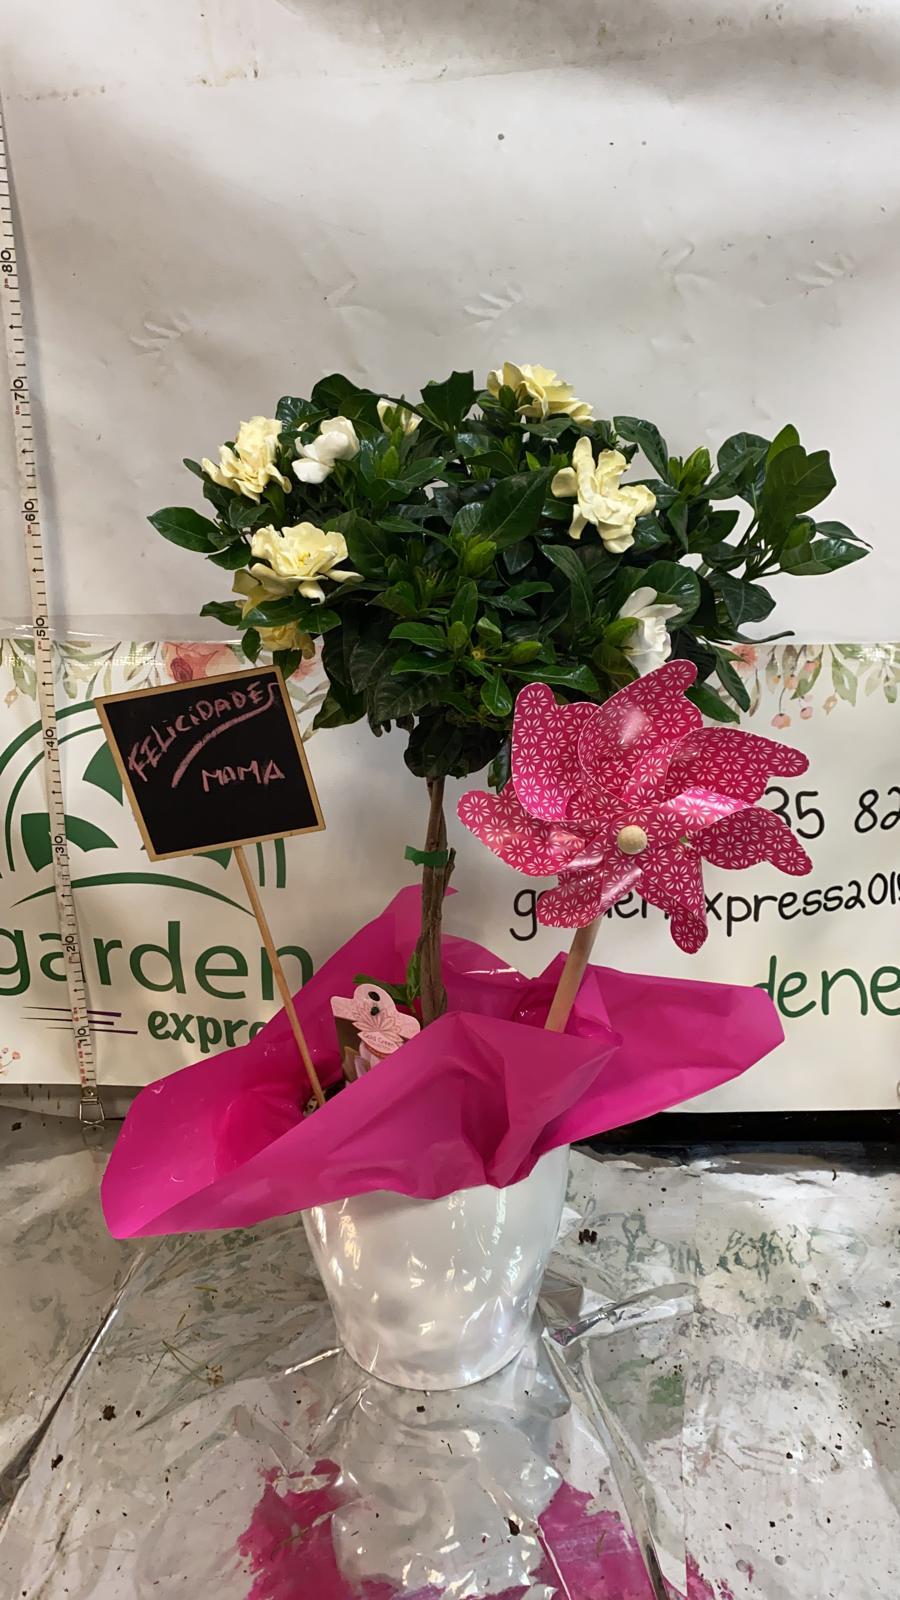 Composición día madre Gardenia copa+macetero +pizarra +molinillo 29,95€ sin envío